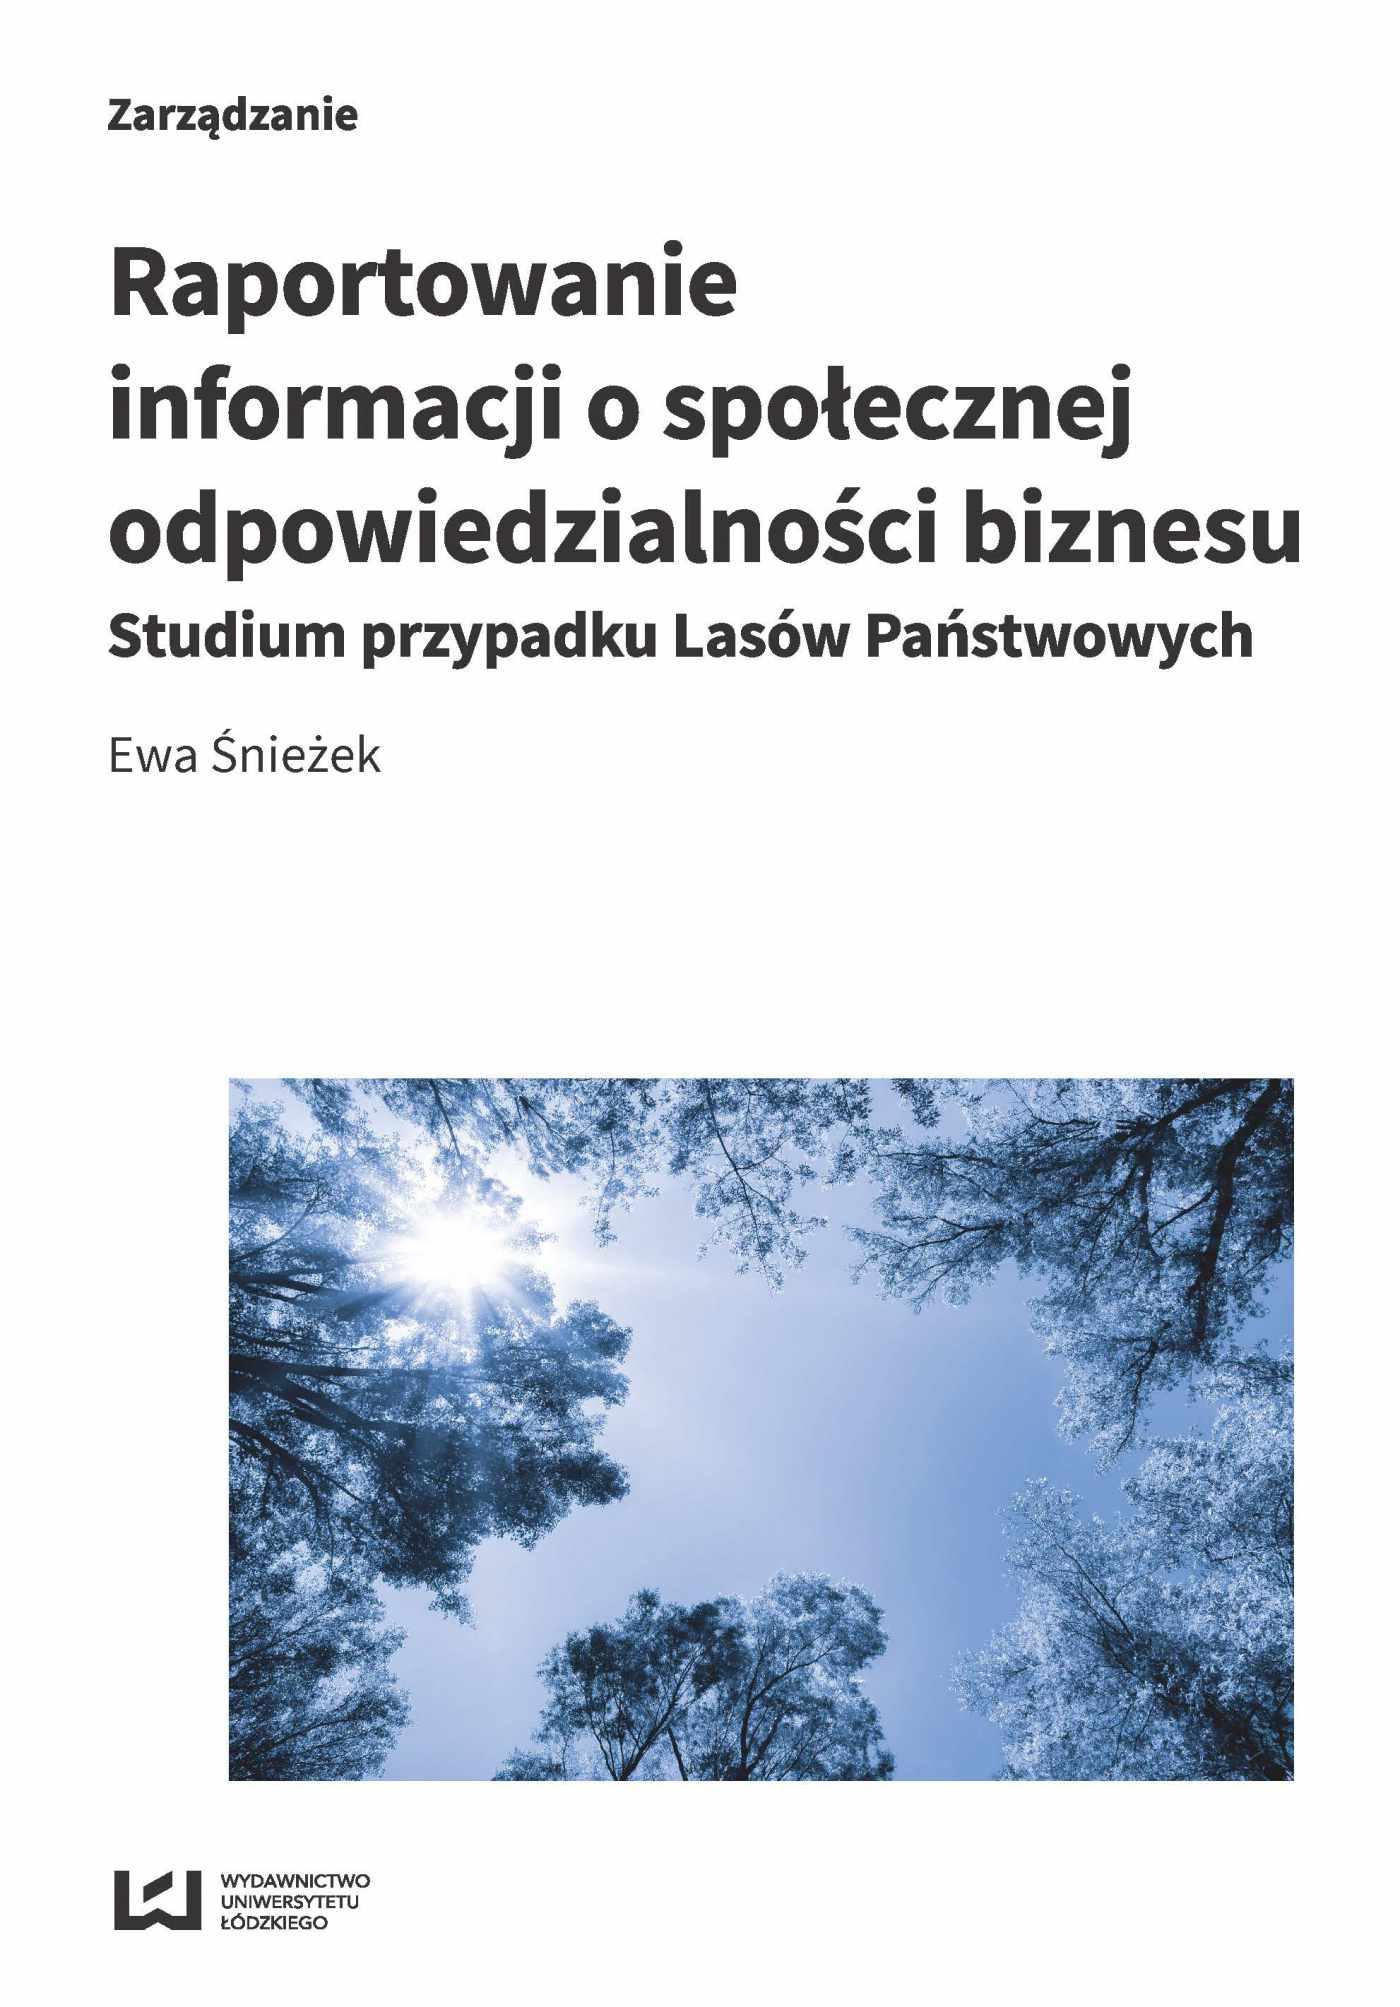 Raportowanie informacji o społecznej odpowiedzialności biznesu. Studium przypadku Lasów Państwowych - Ebook (Książka PDF) do pobrania w formacie PDF